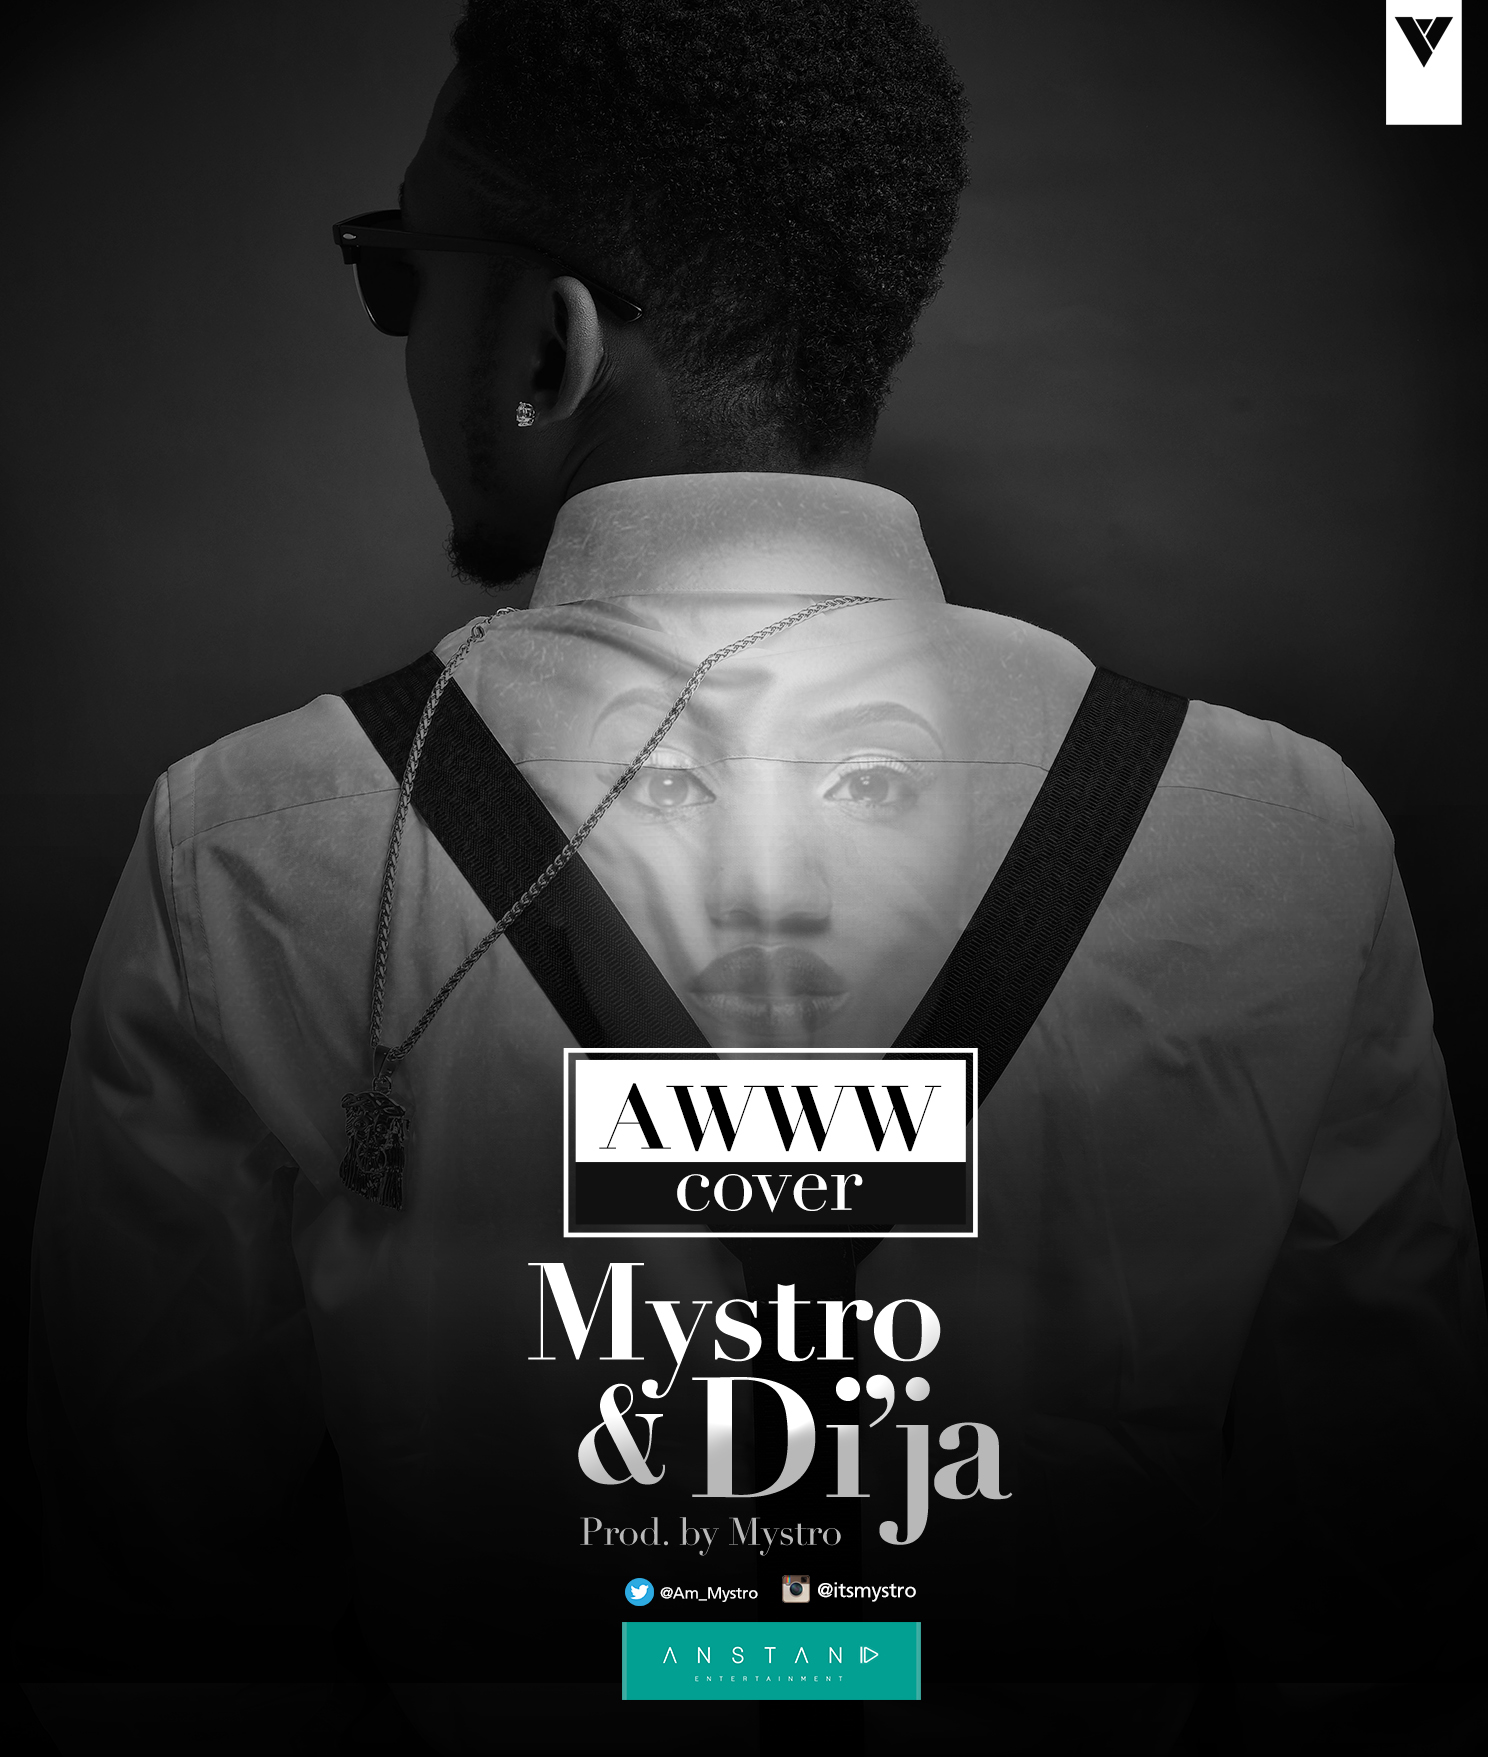 mystro-awww-cover-Art